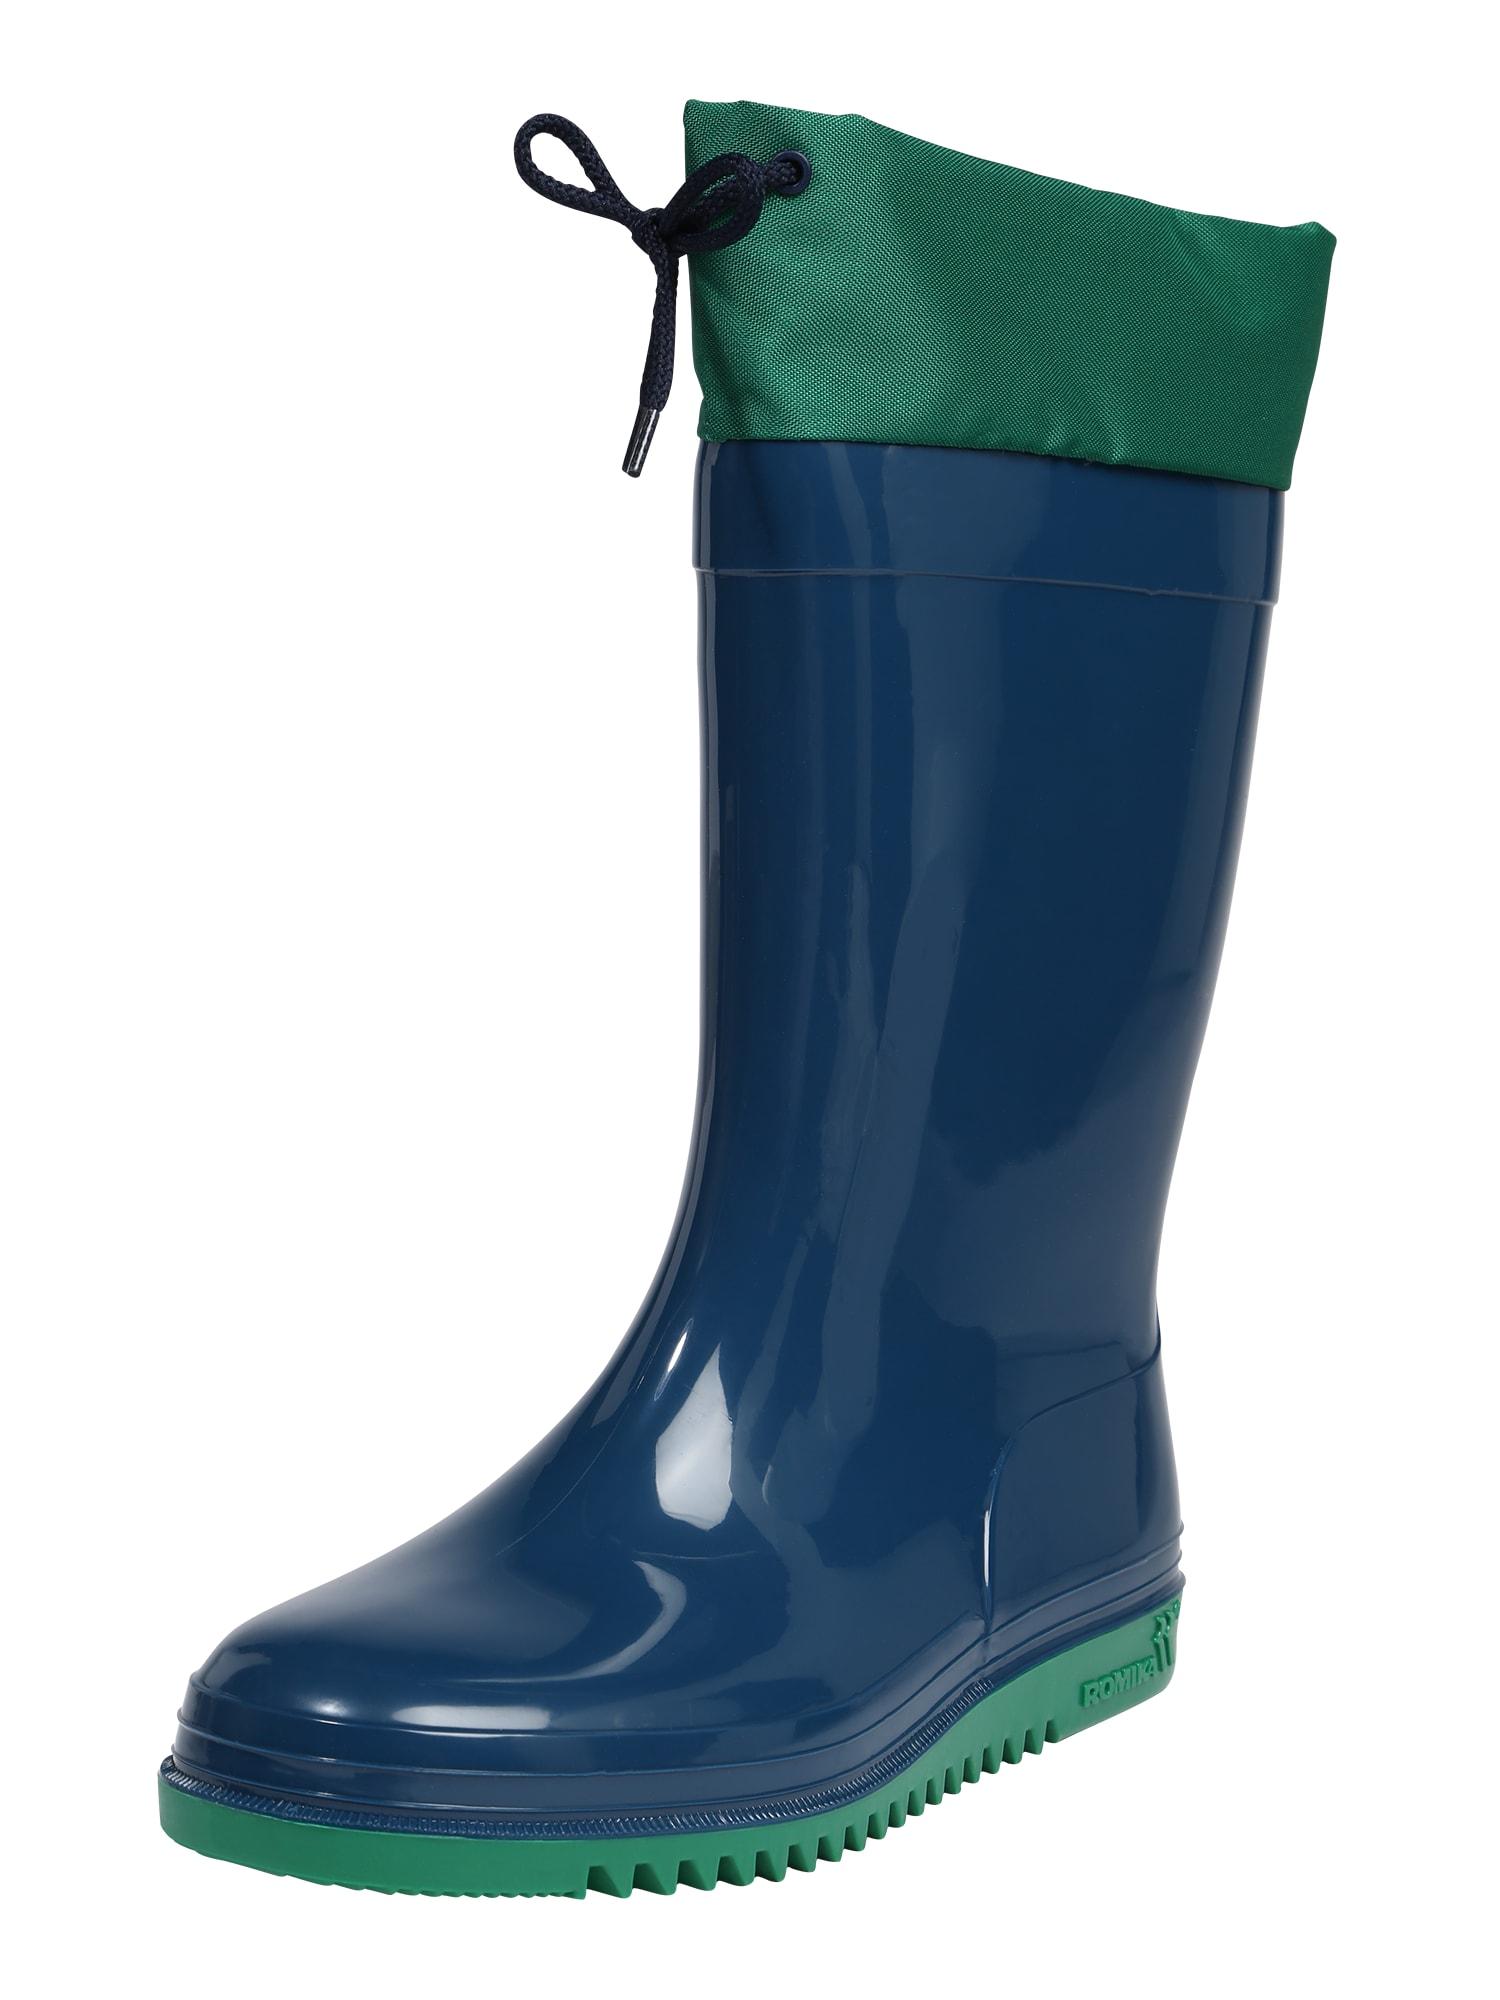 Gumové holínky Bobby modrá zelená ROMIKA